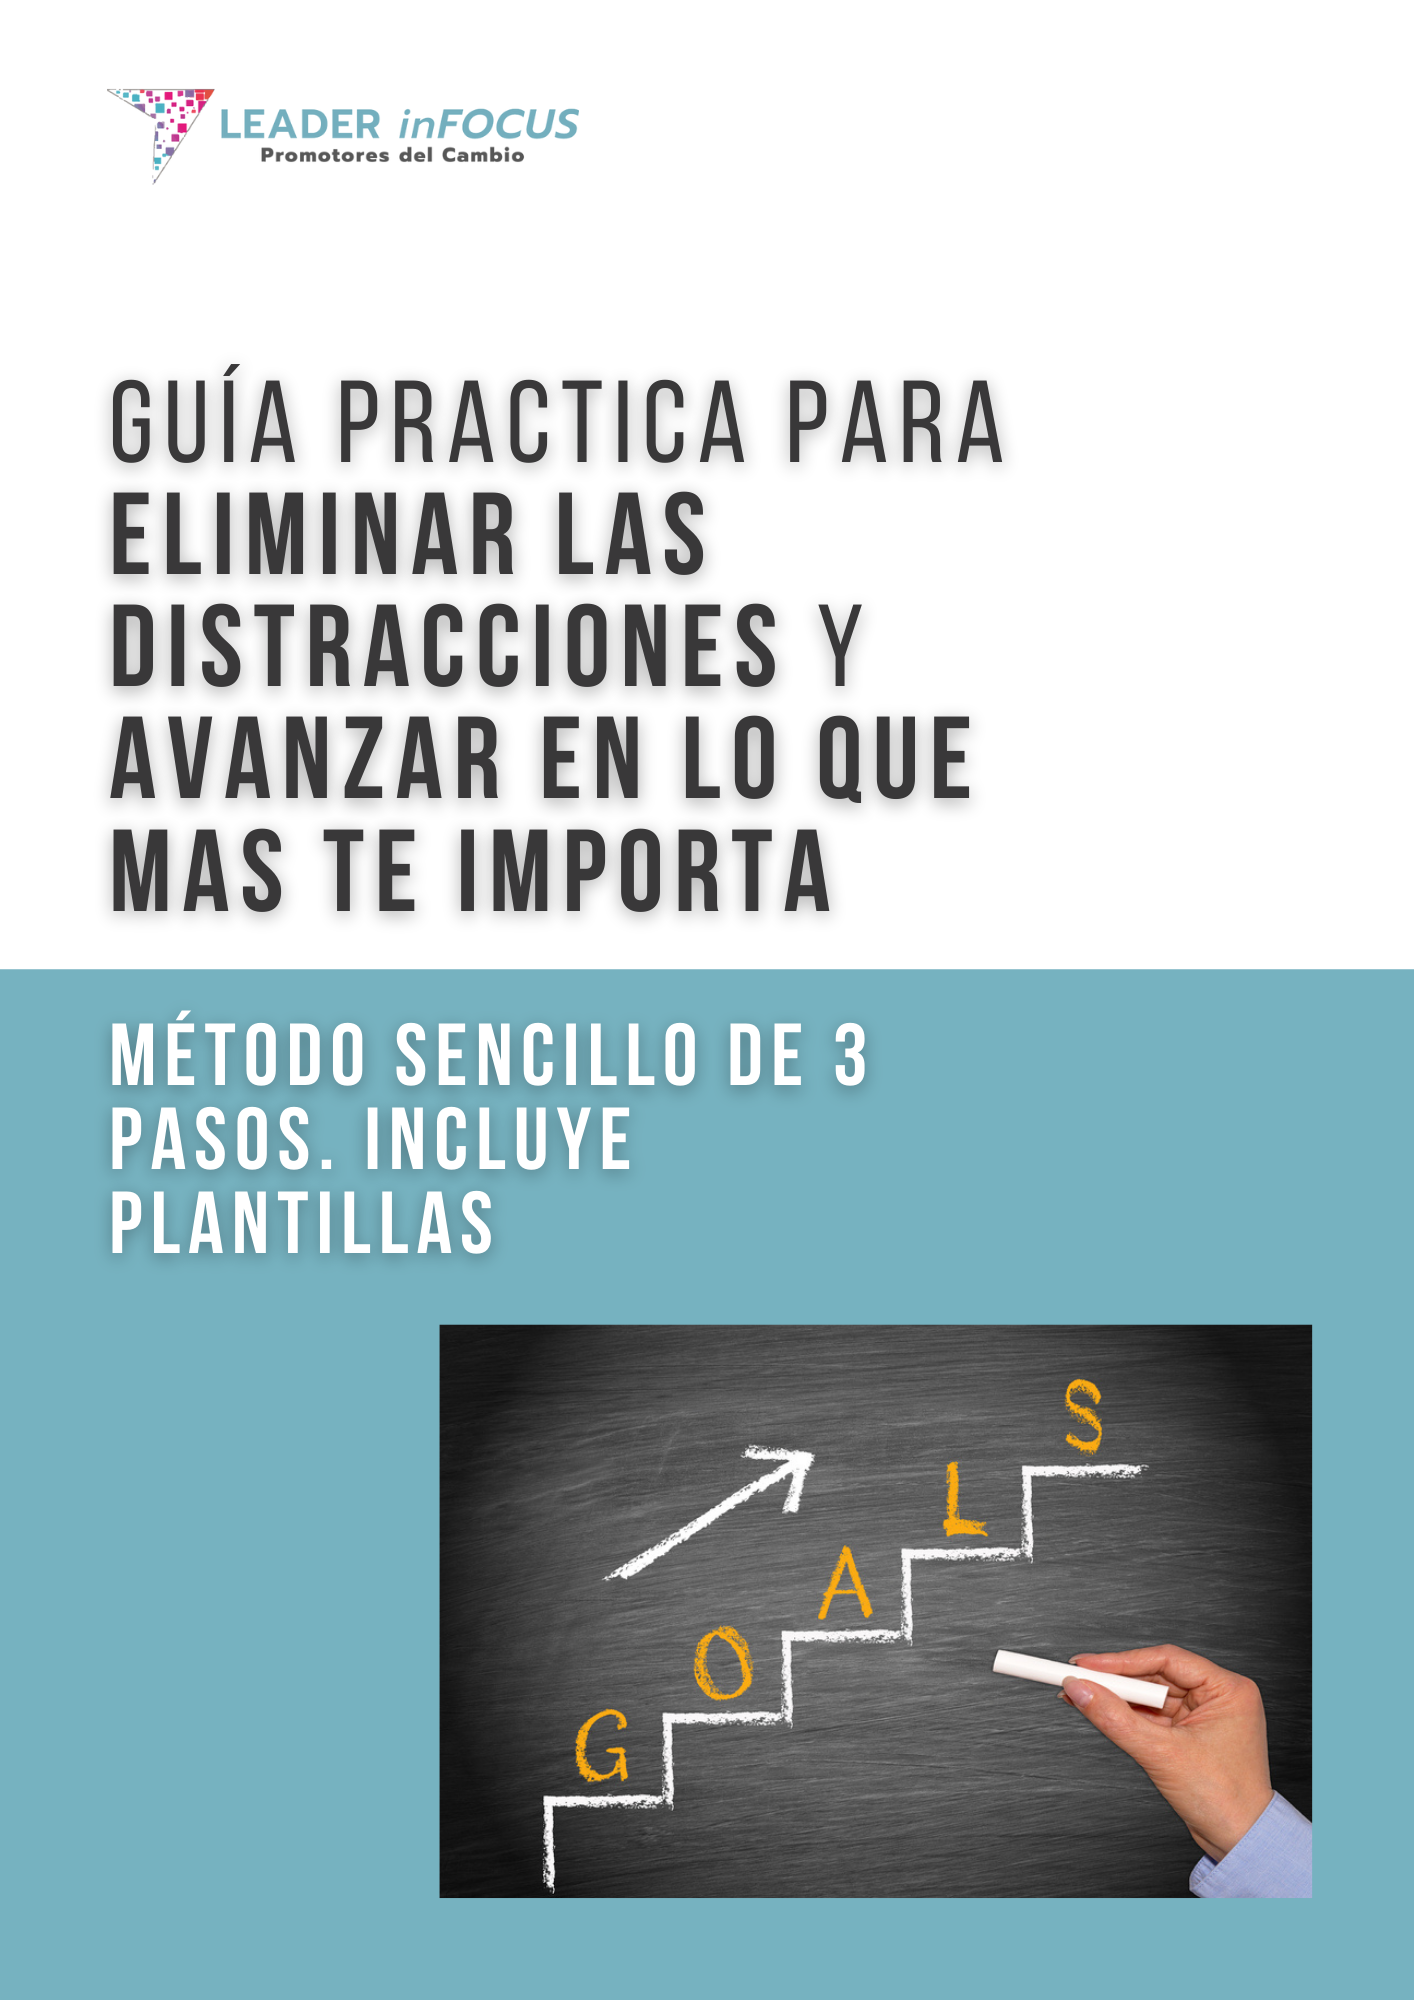 Guía ráctic apra reducir distracciones y preocupaciones